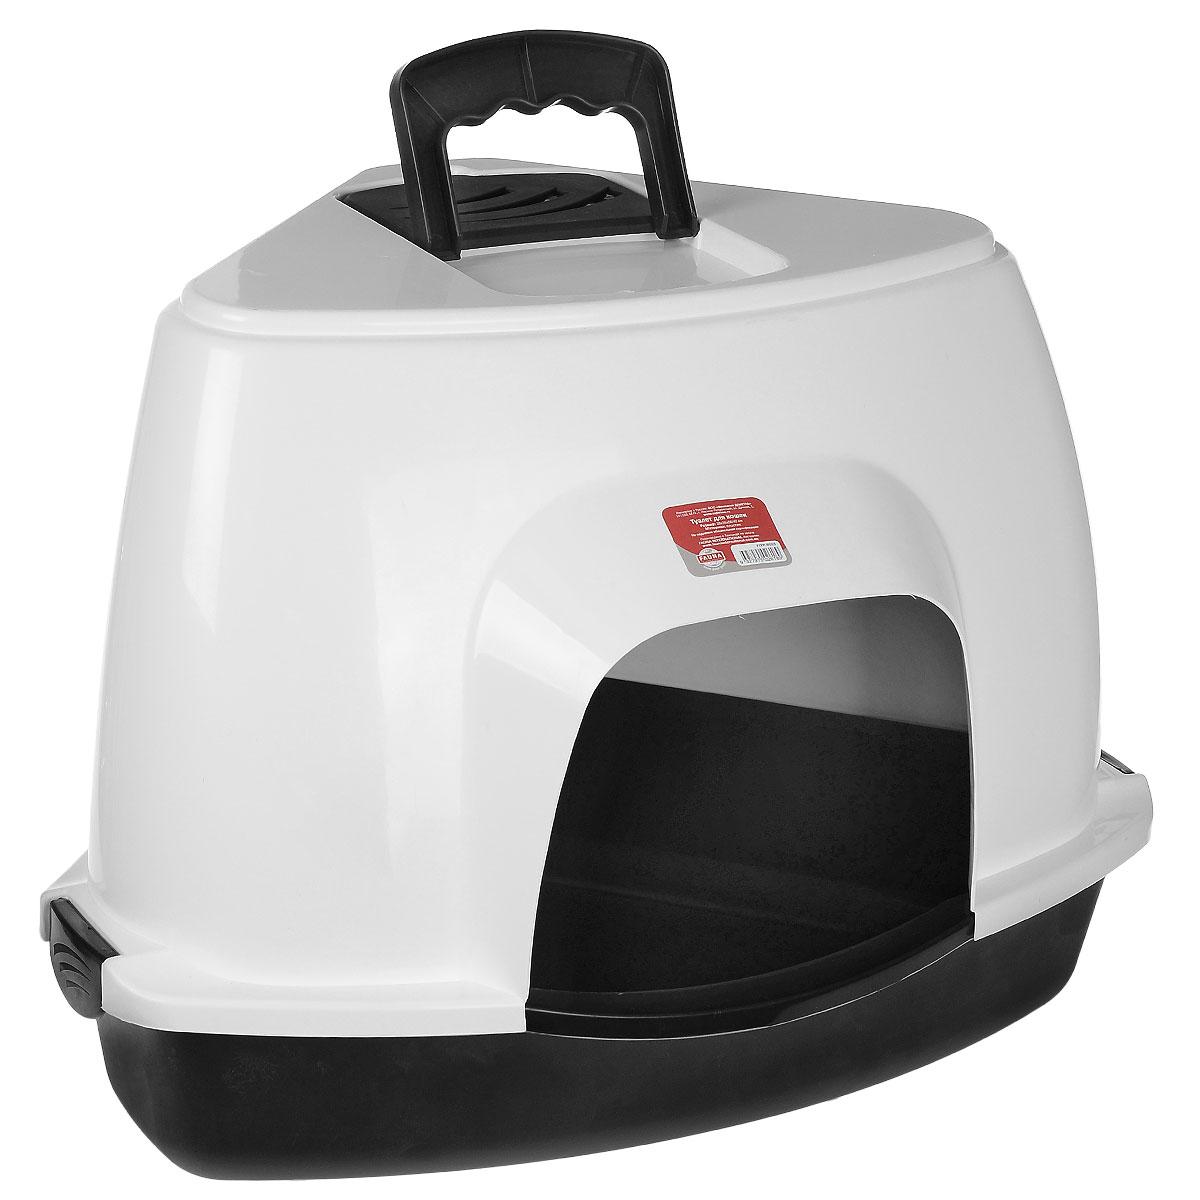 Туалет для кошек Fauna Kitty Luxer, цвет: черный, белый, 38 см х 38 см х 56 см0120710Закрытый угловой туалет для кошек Fauna Kitty Luxer выполнен из высококачественного пластика. Туалет довольно вместительный и напоминает домик. Он оснащен прозрачной открывающейся дверцей, сменным угольным фильтром и удобной ручкой для переноски. Такой туалет избавит ваш дом от неприятного запаха и разбросанных повсюду частичек наполнителя. Кошка в таком туалете будет чувствовать себя увереннее, ведь в этом укромном уголке ее никто не увидит. Кроме того, яркий дизайн с легкостью впишется в интерьер вашего дома. Туалет легко открывается для чистки благодаря практичным защелкам по бокам.